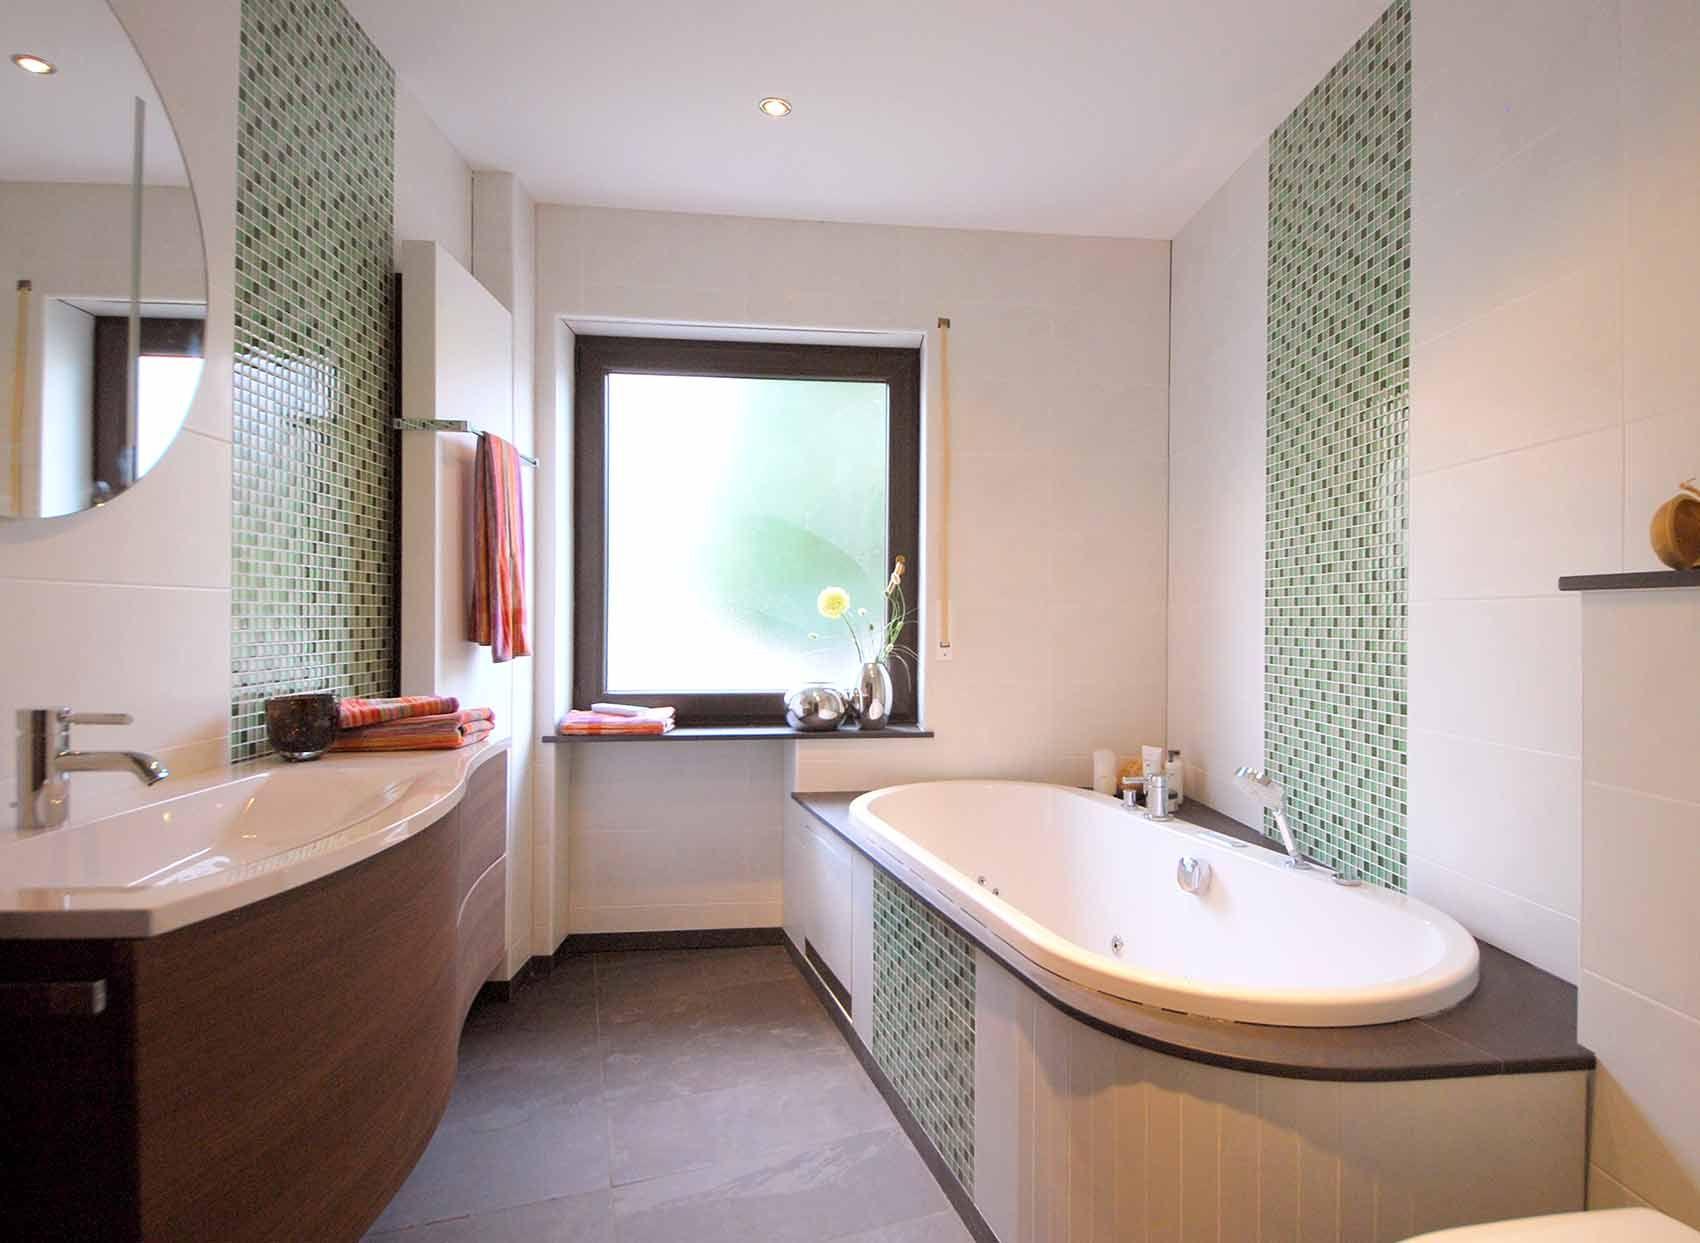 Badezimmer Fenster ~ Helles badezimmer mit weißen fliesen und grünem mosaik an den